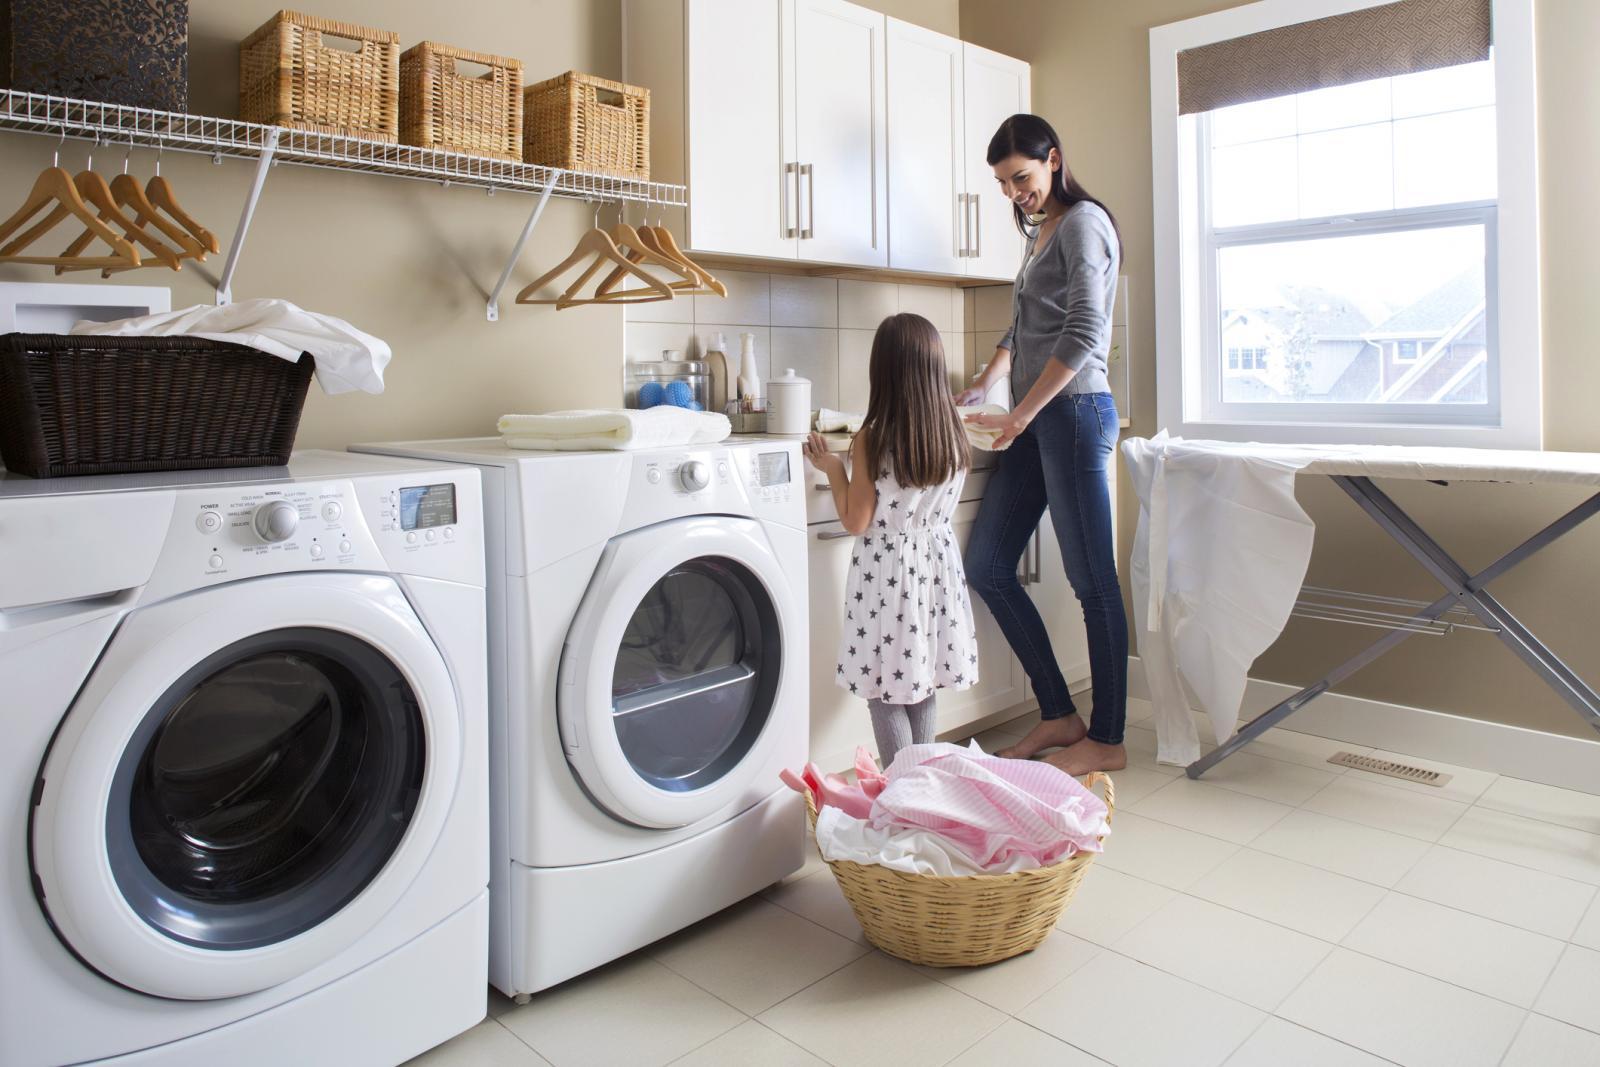 Madre y hija en el cuarto de lavado haciendo la colada